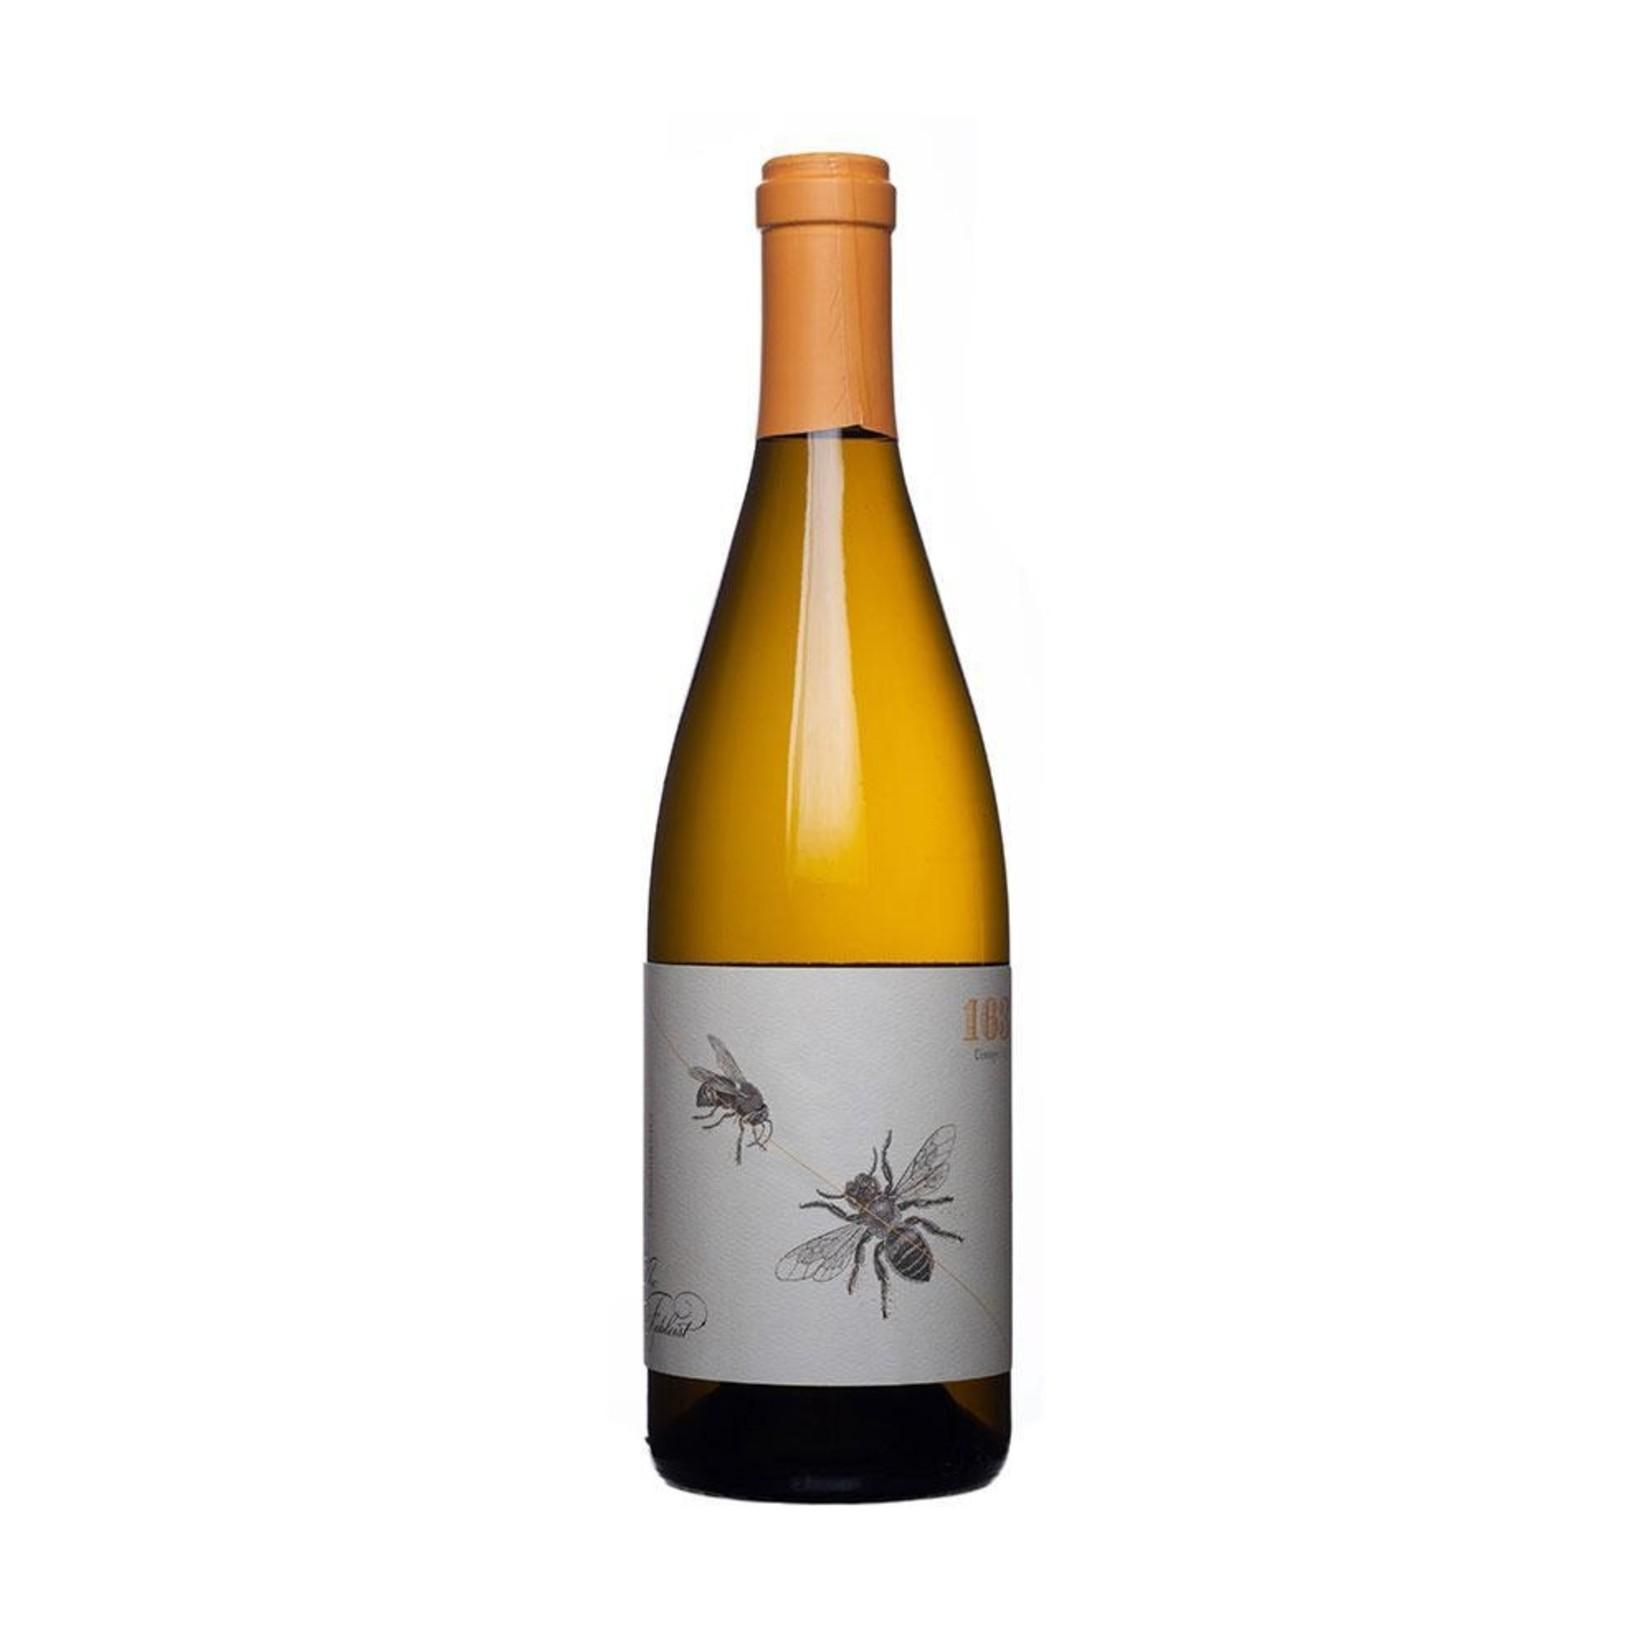 2020 Fableist Chardonnay, Central Coast CA